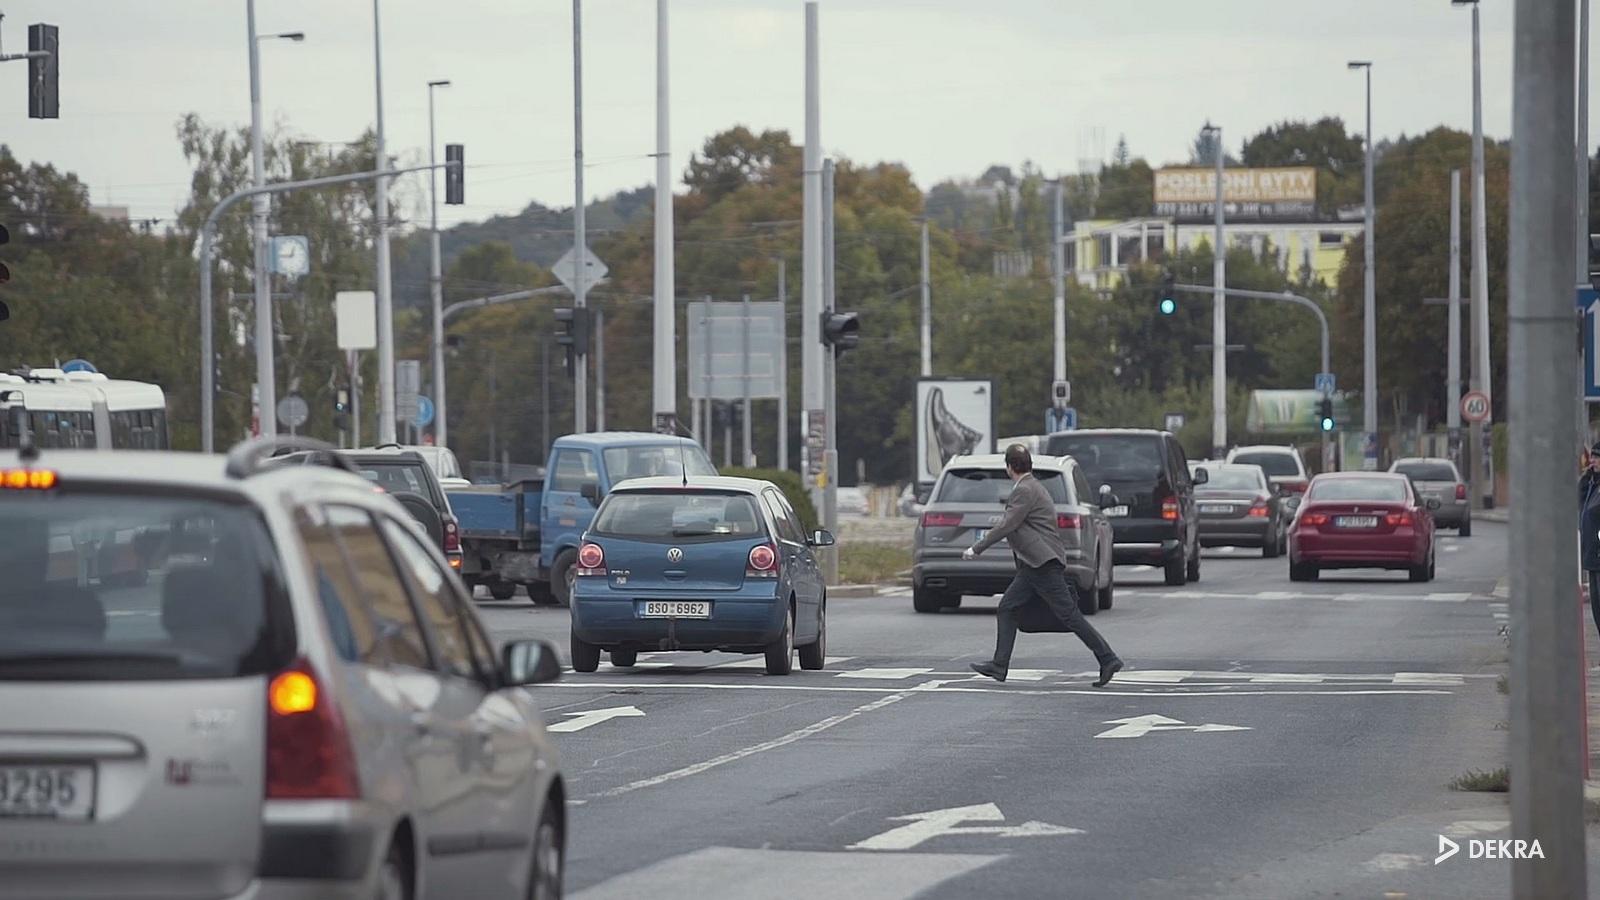 b53ea67ce ... které zohlední právě chodce, cyklisty a motocyklisty. Je nezbytné, aby  účastníci provozu důvěřovali městským komunikacím. ETSC chce v příštích  deseti ...